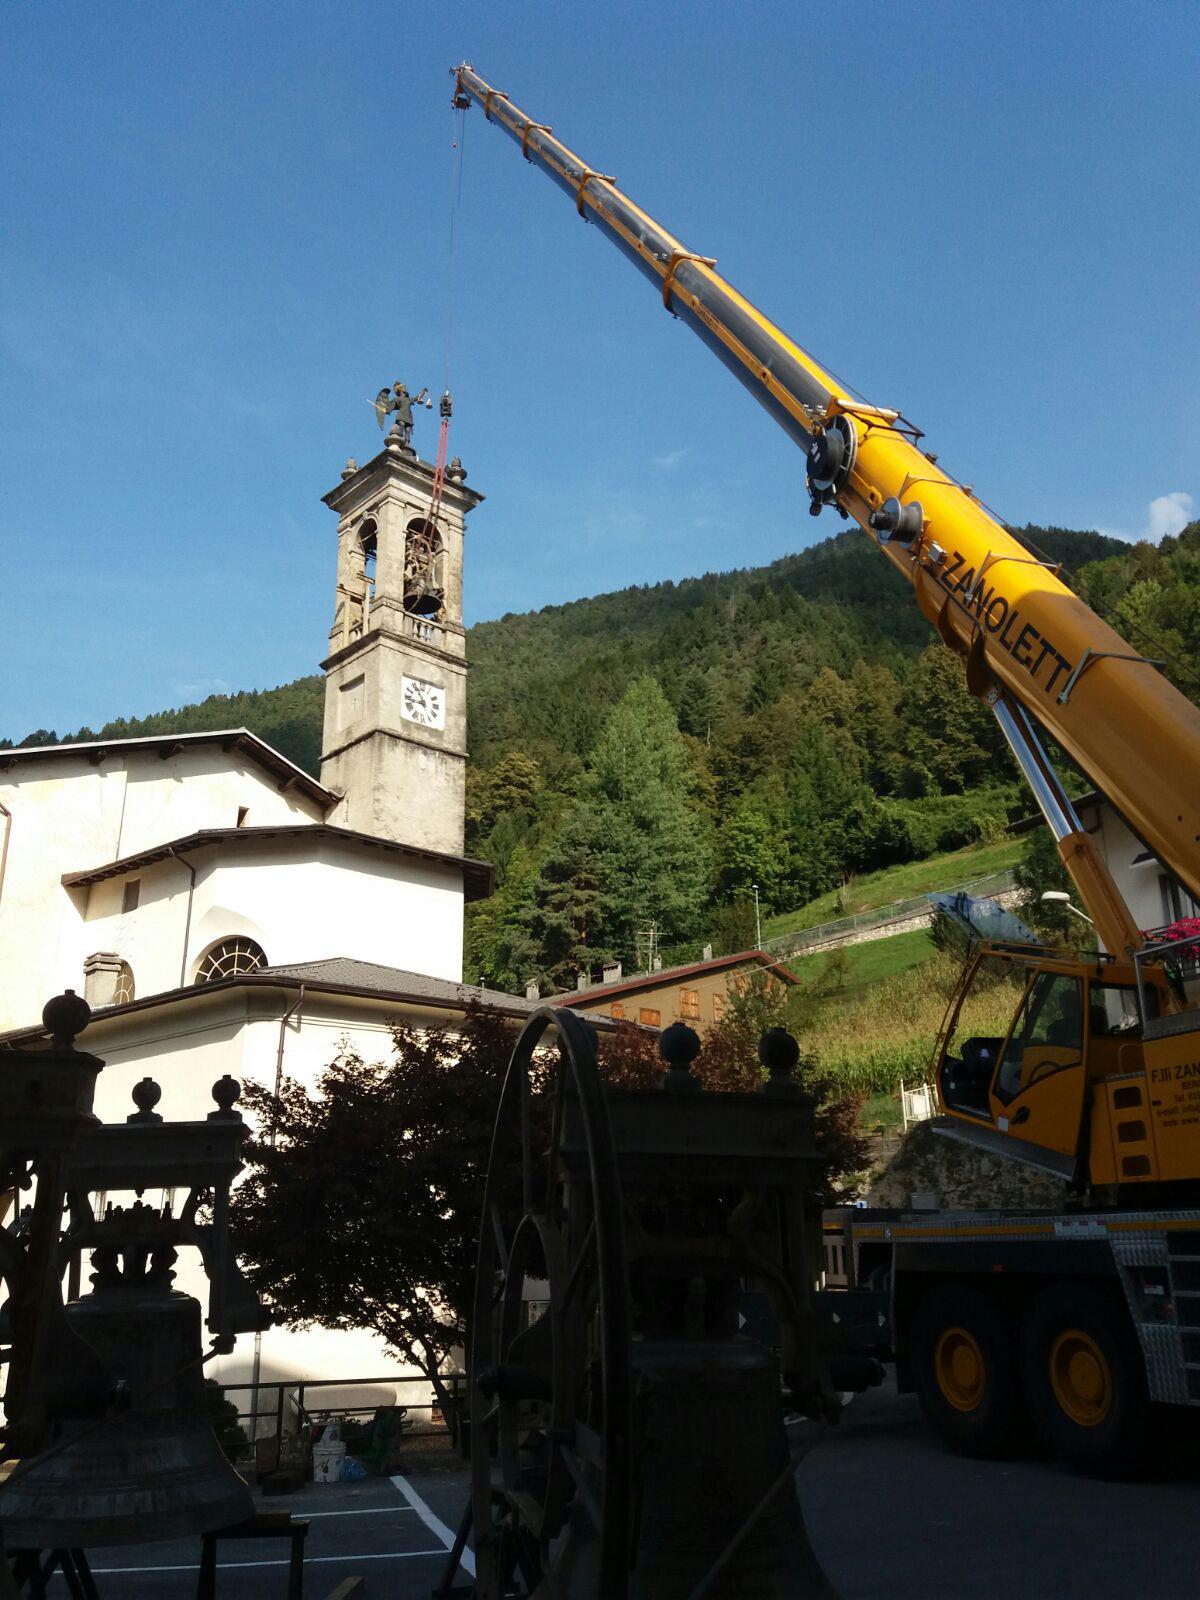 Perico-Renato-Valnegra (BG) - Campanile - Consolidamento e restauro 3